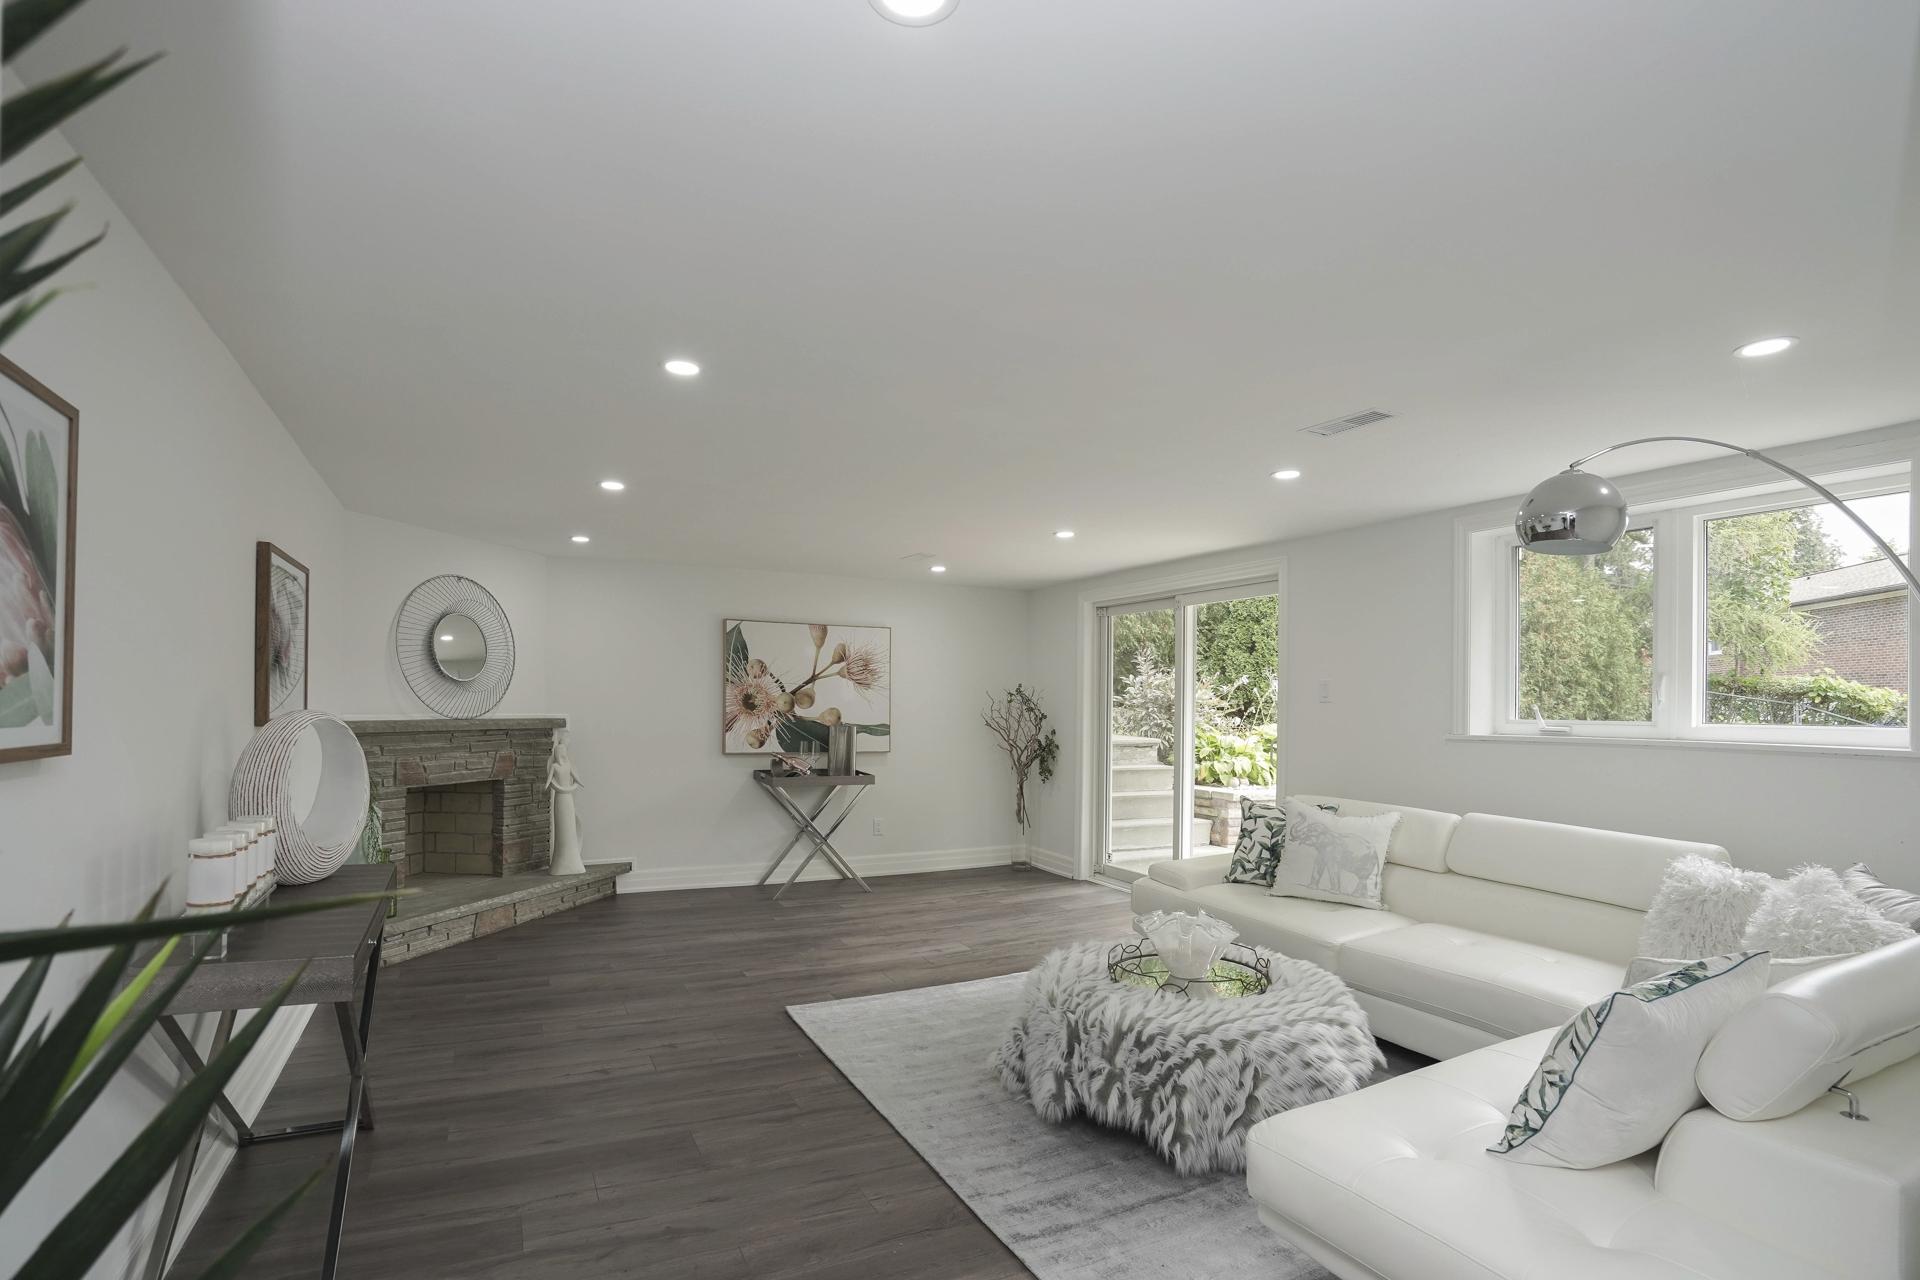 Living Room Lower Level, 571 Rathburn, Etobicoke Home Staging